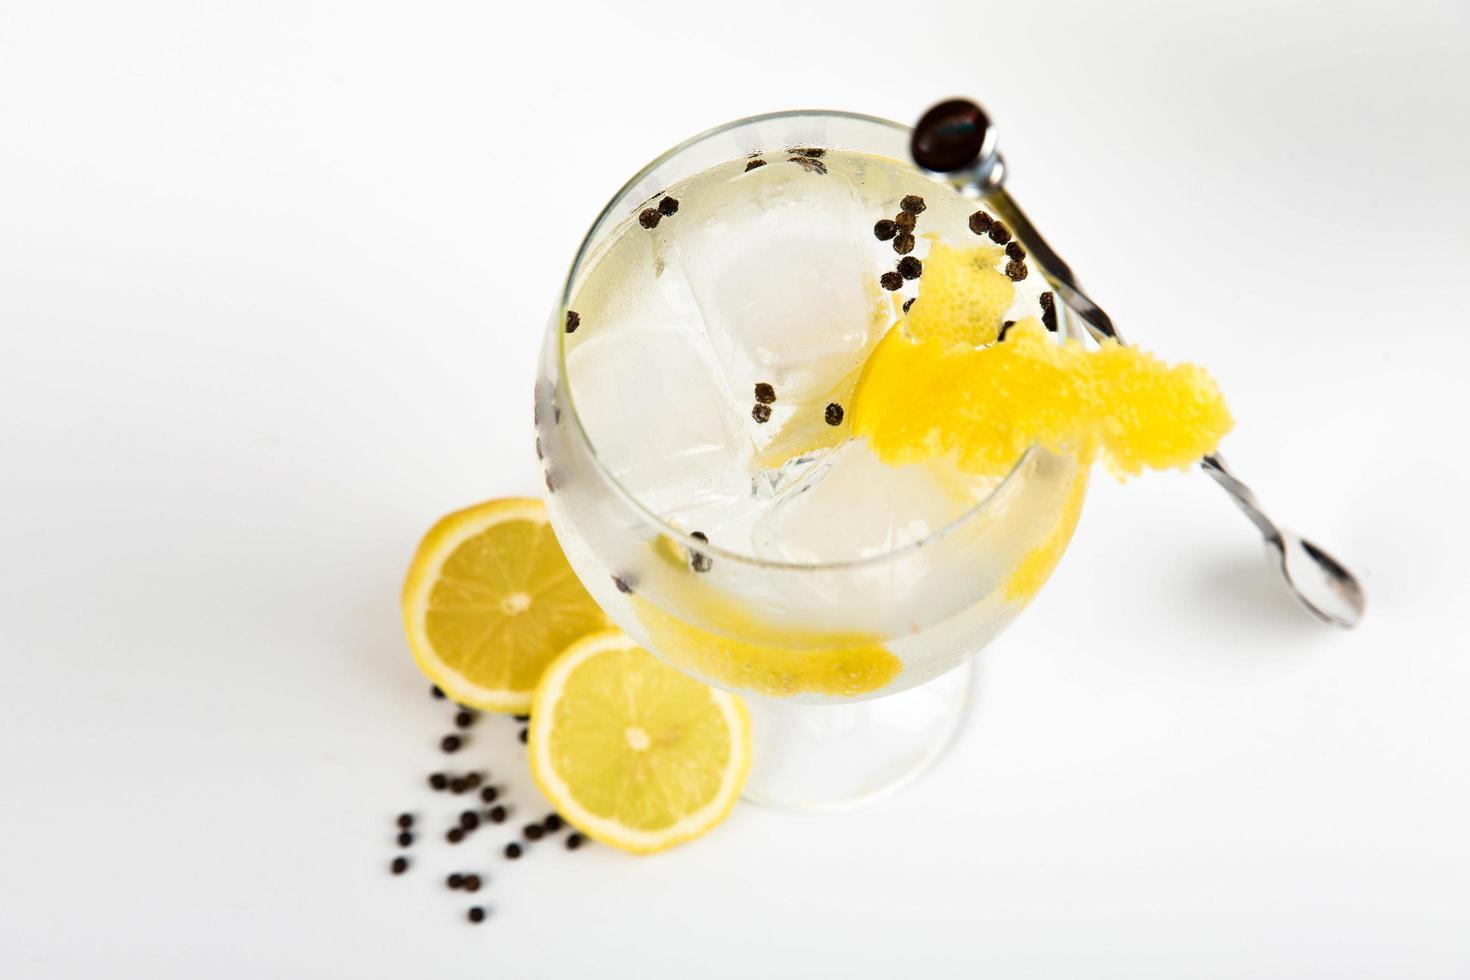 cocktail avec garniture sur fond blanc photo